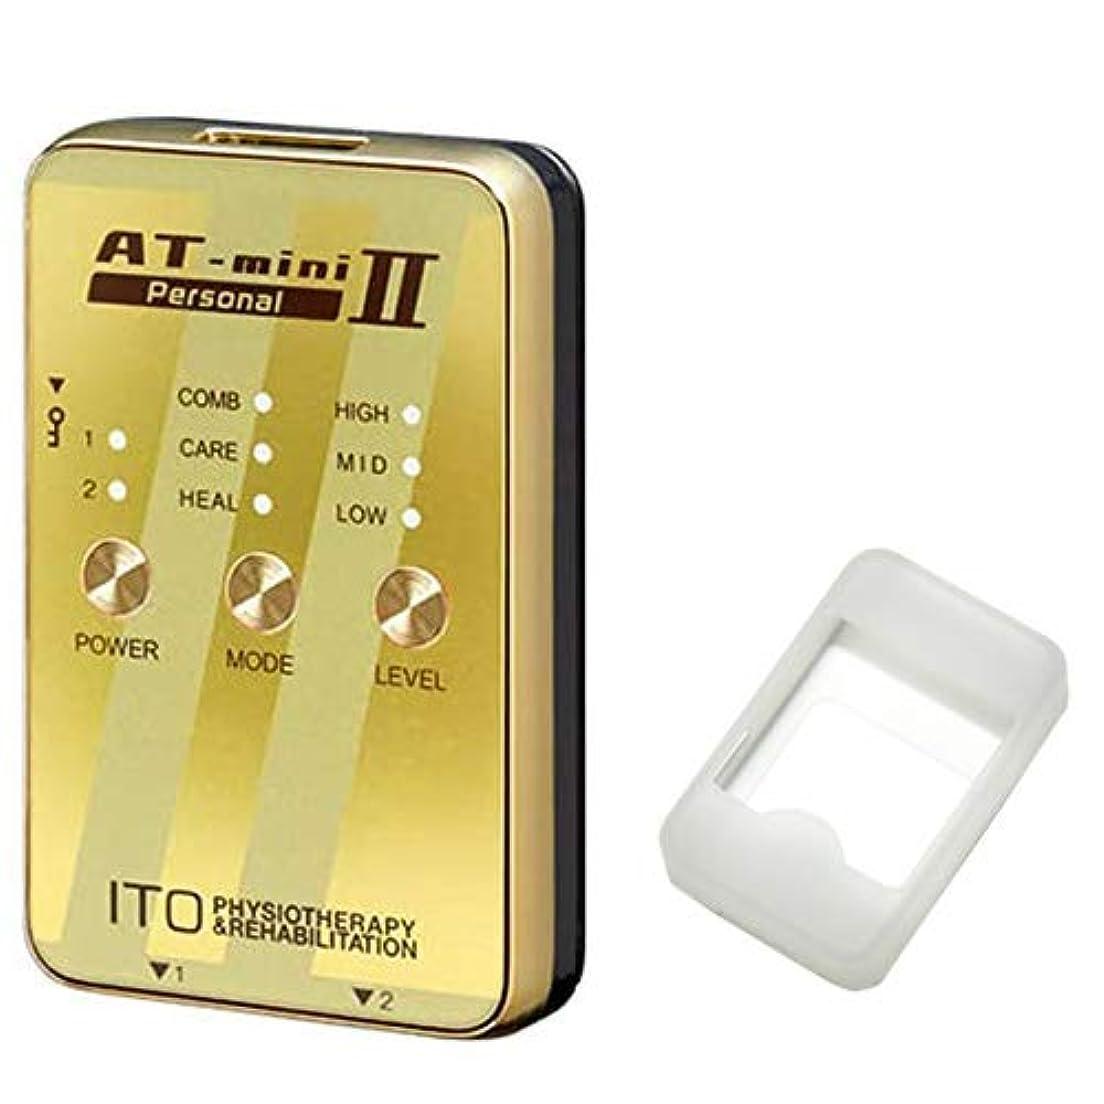 喉が渇いた電気陽性食料品店低周波治療器 AT-mini personal II ゴールド (ATミニパーソナル2) + シリコン保護ケース